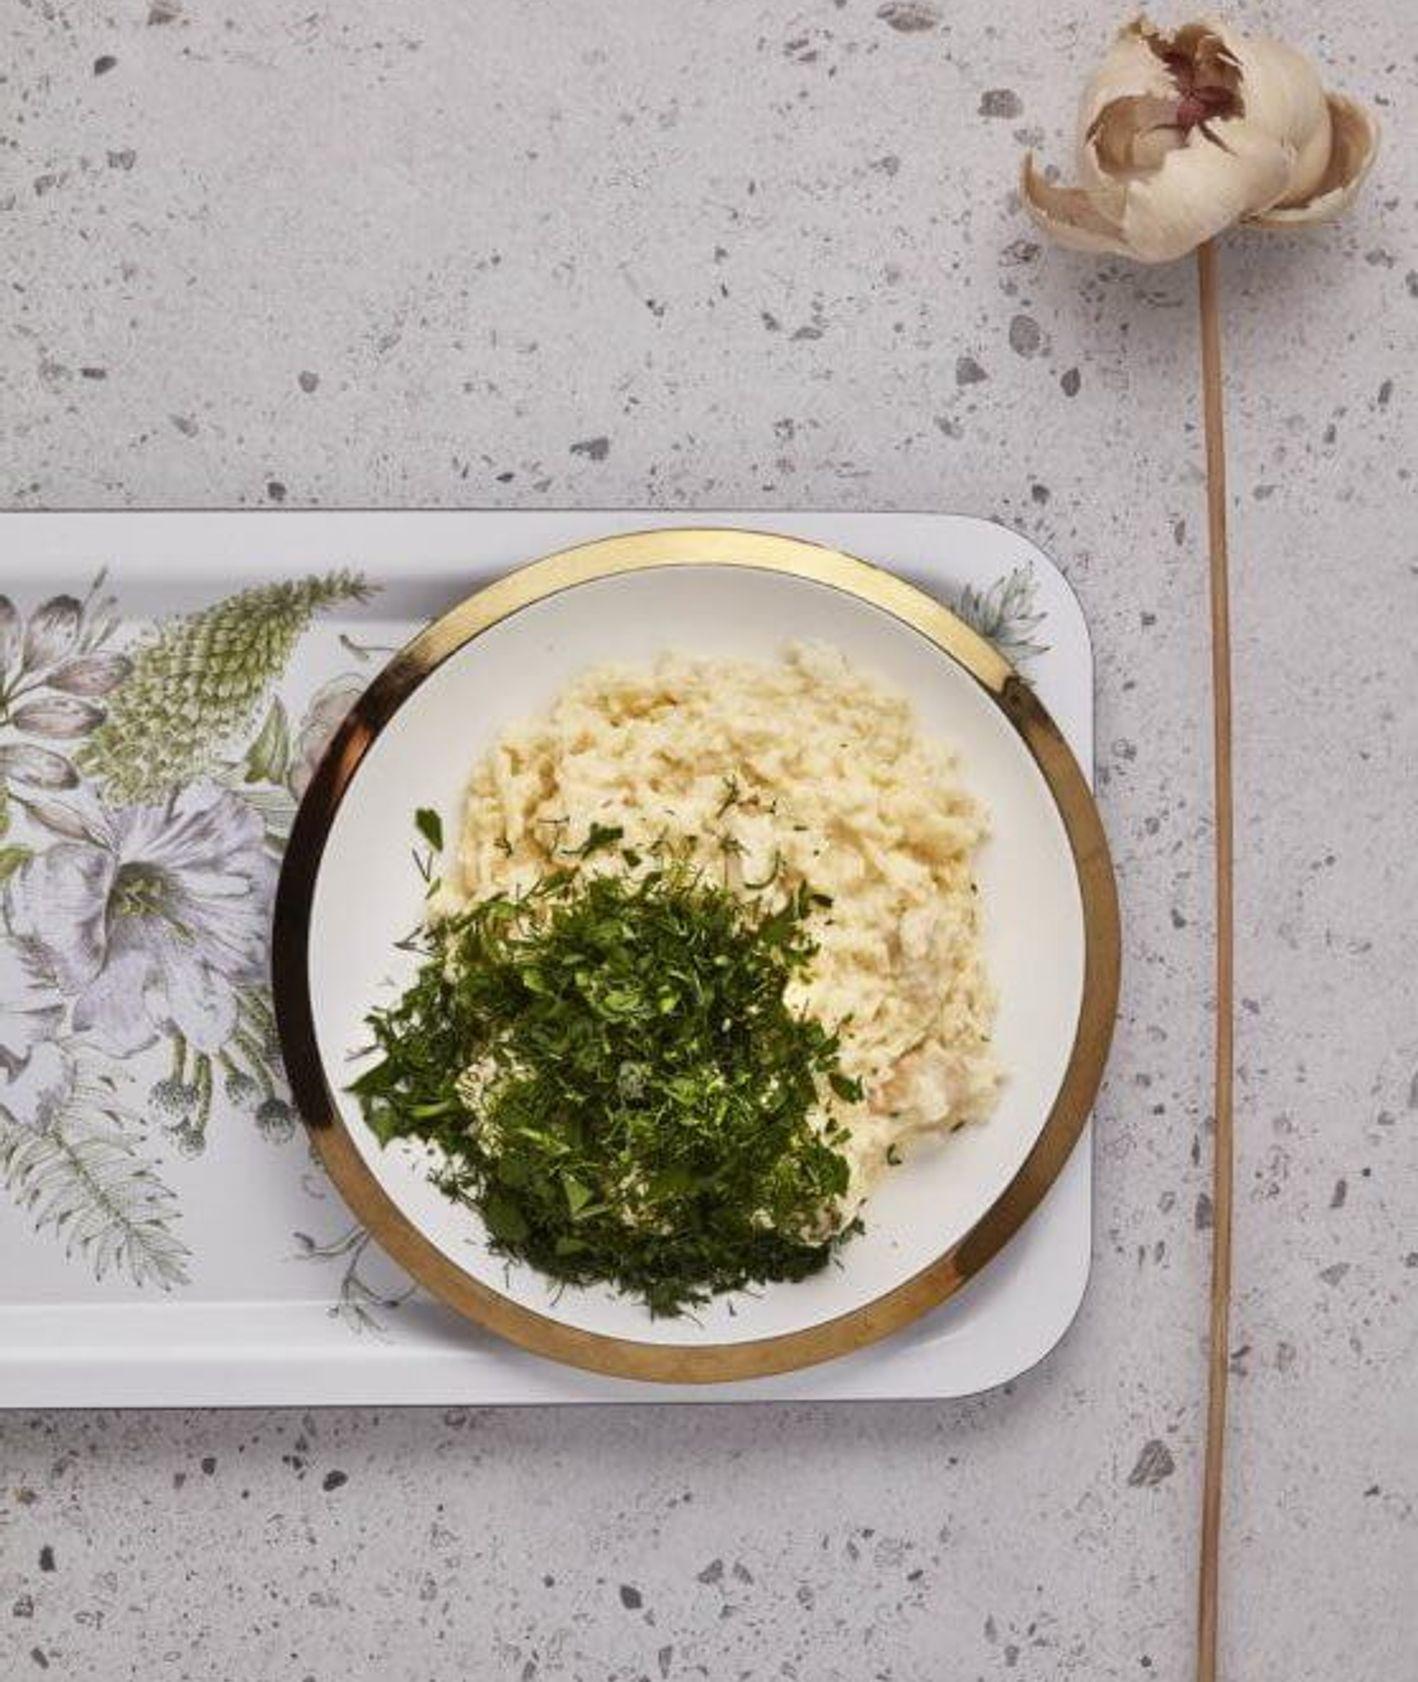 risotto z kalafiora, danie z kalafiora, kalafior, danie z kalafiorem, kuchnia zero waste, przepis Jagna Jagielska, zdrowy obiad, wegański obiad, obiad z warzywami